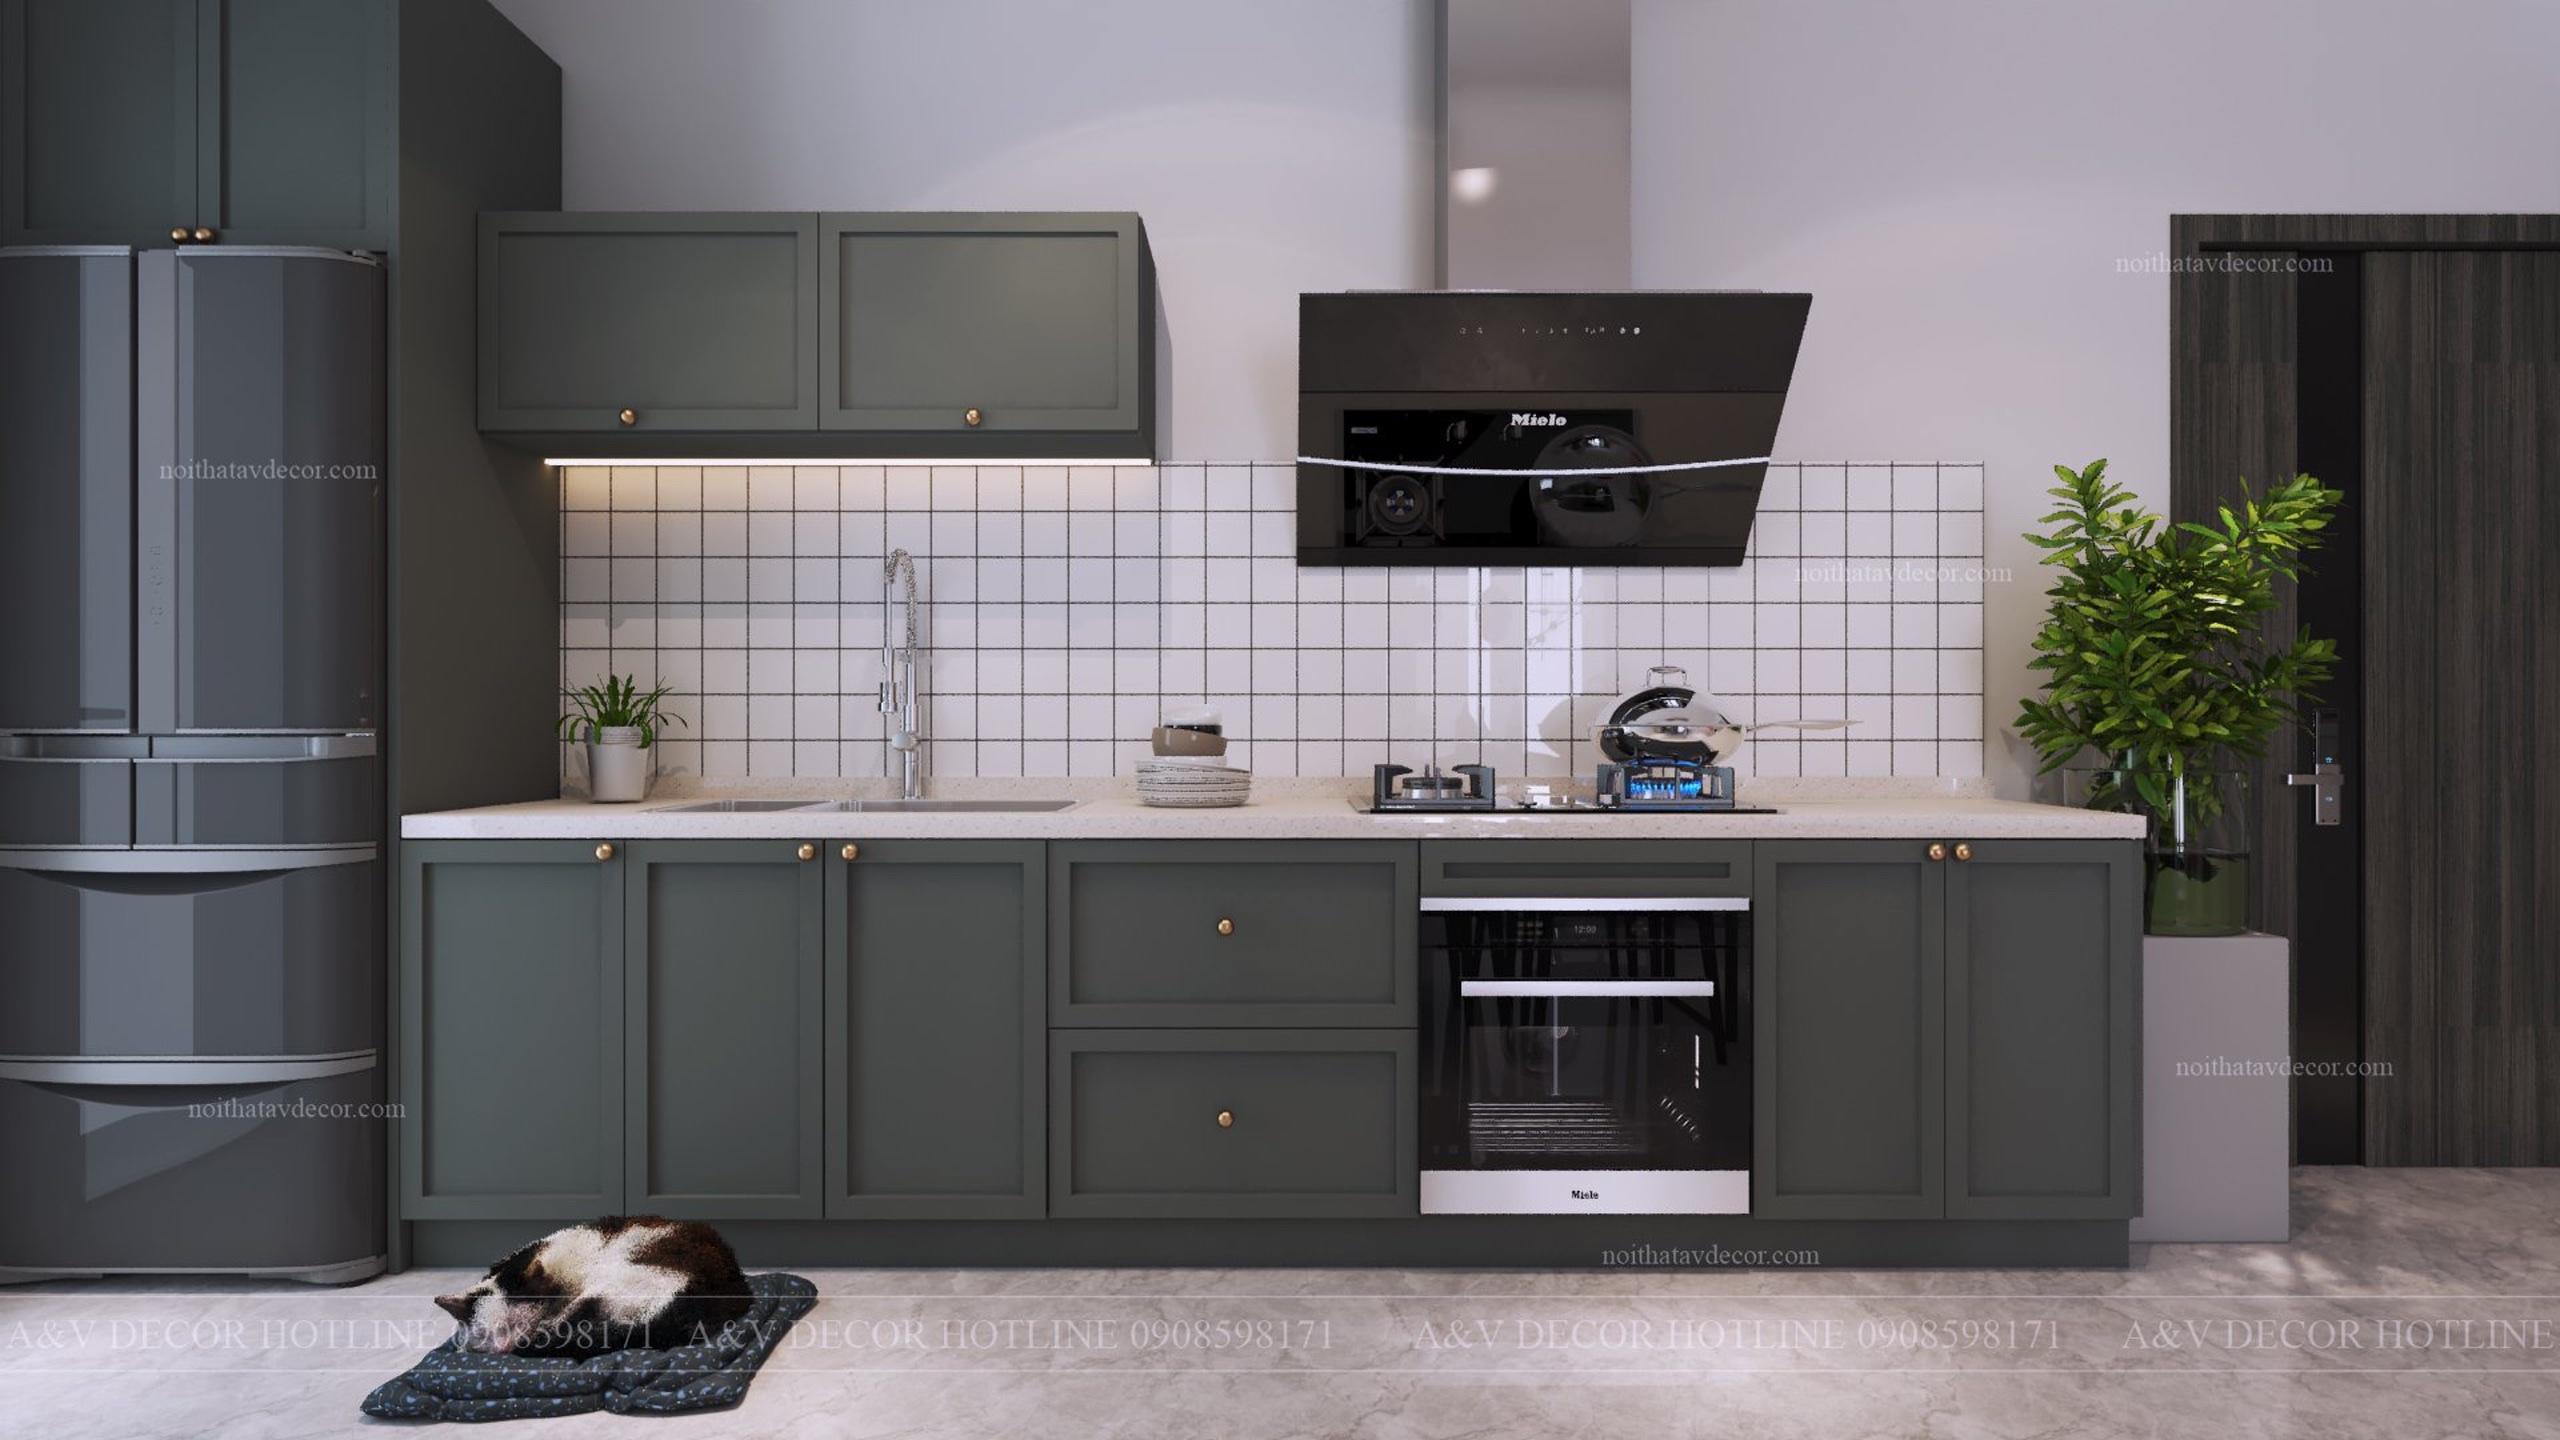 2bedrooms-for-rent-in-midtown (2)